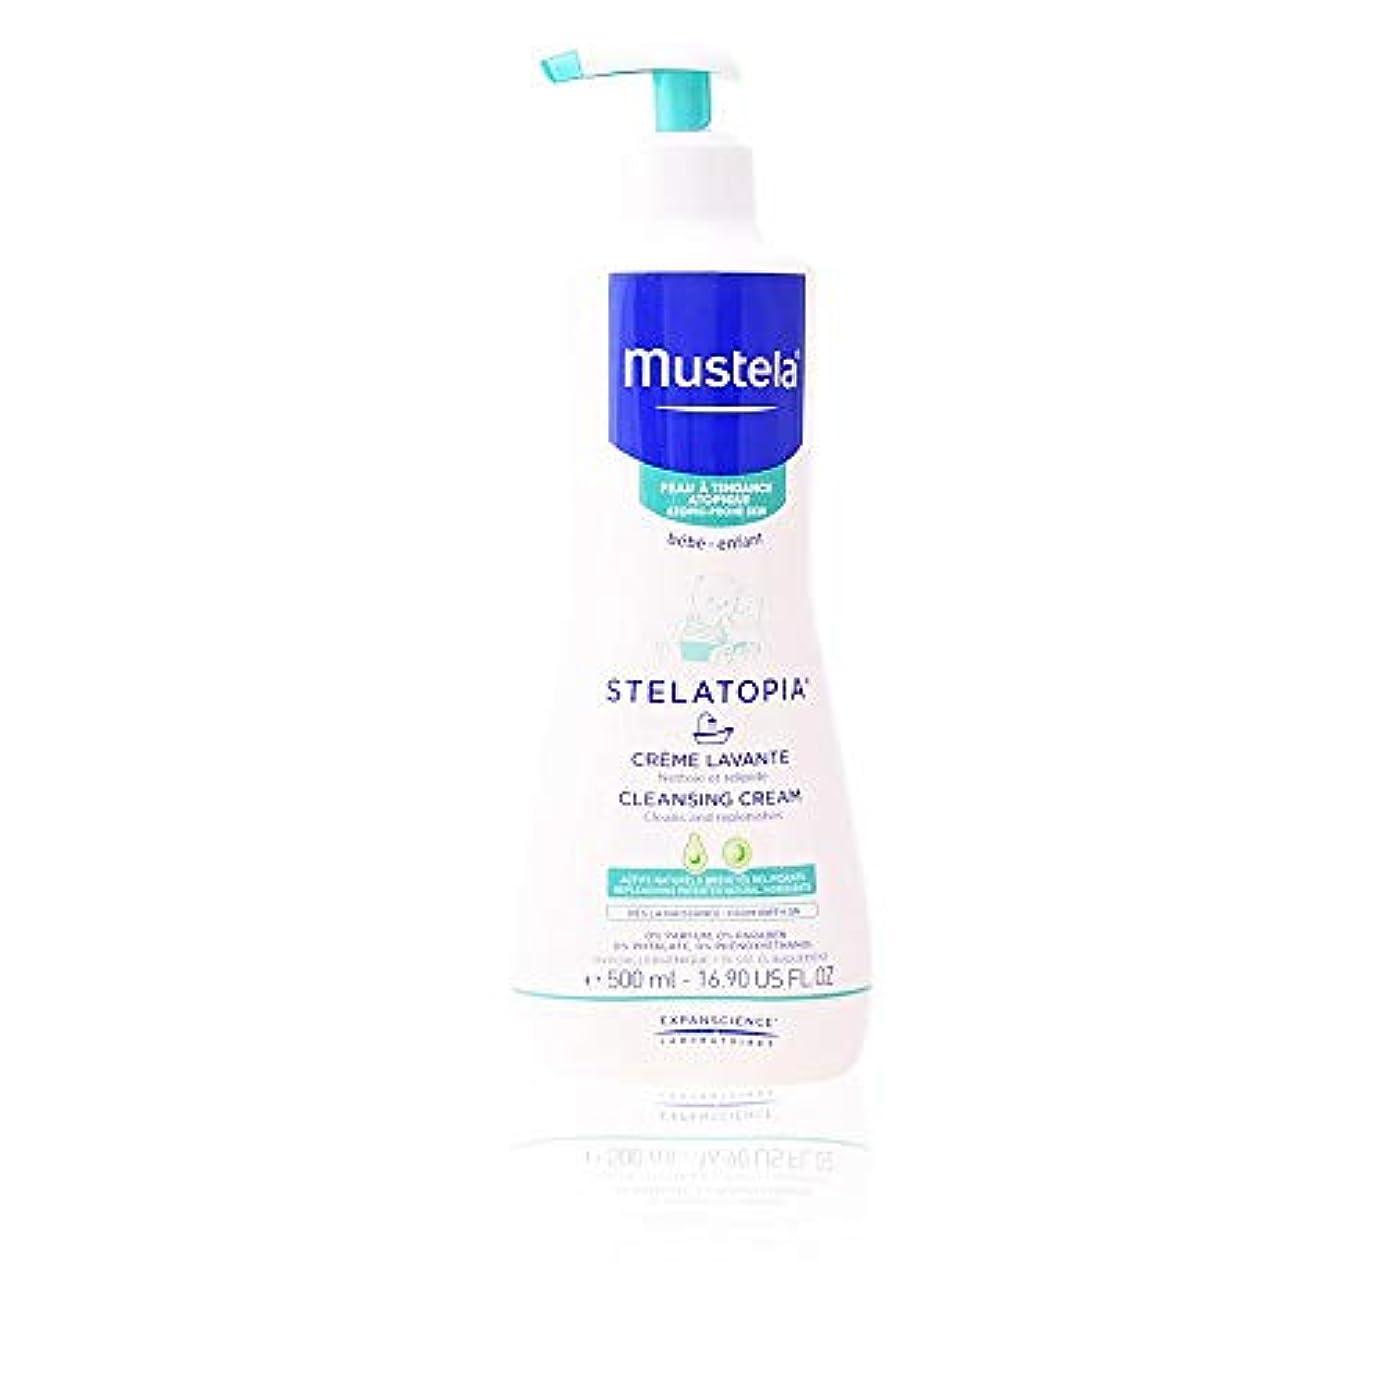 染色お誕生日に向けて出発ムステラ Stelatopia Cleansing Cream - For Atopic-Prone Skin 500ml/16.9oz並行輸入品